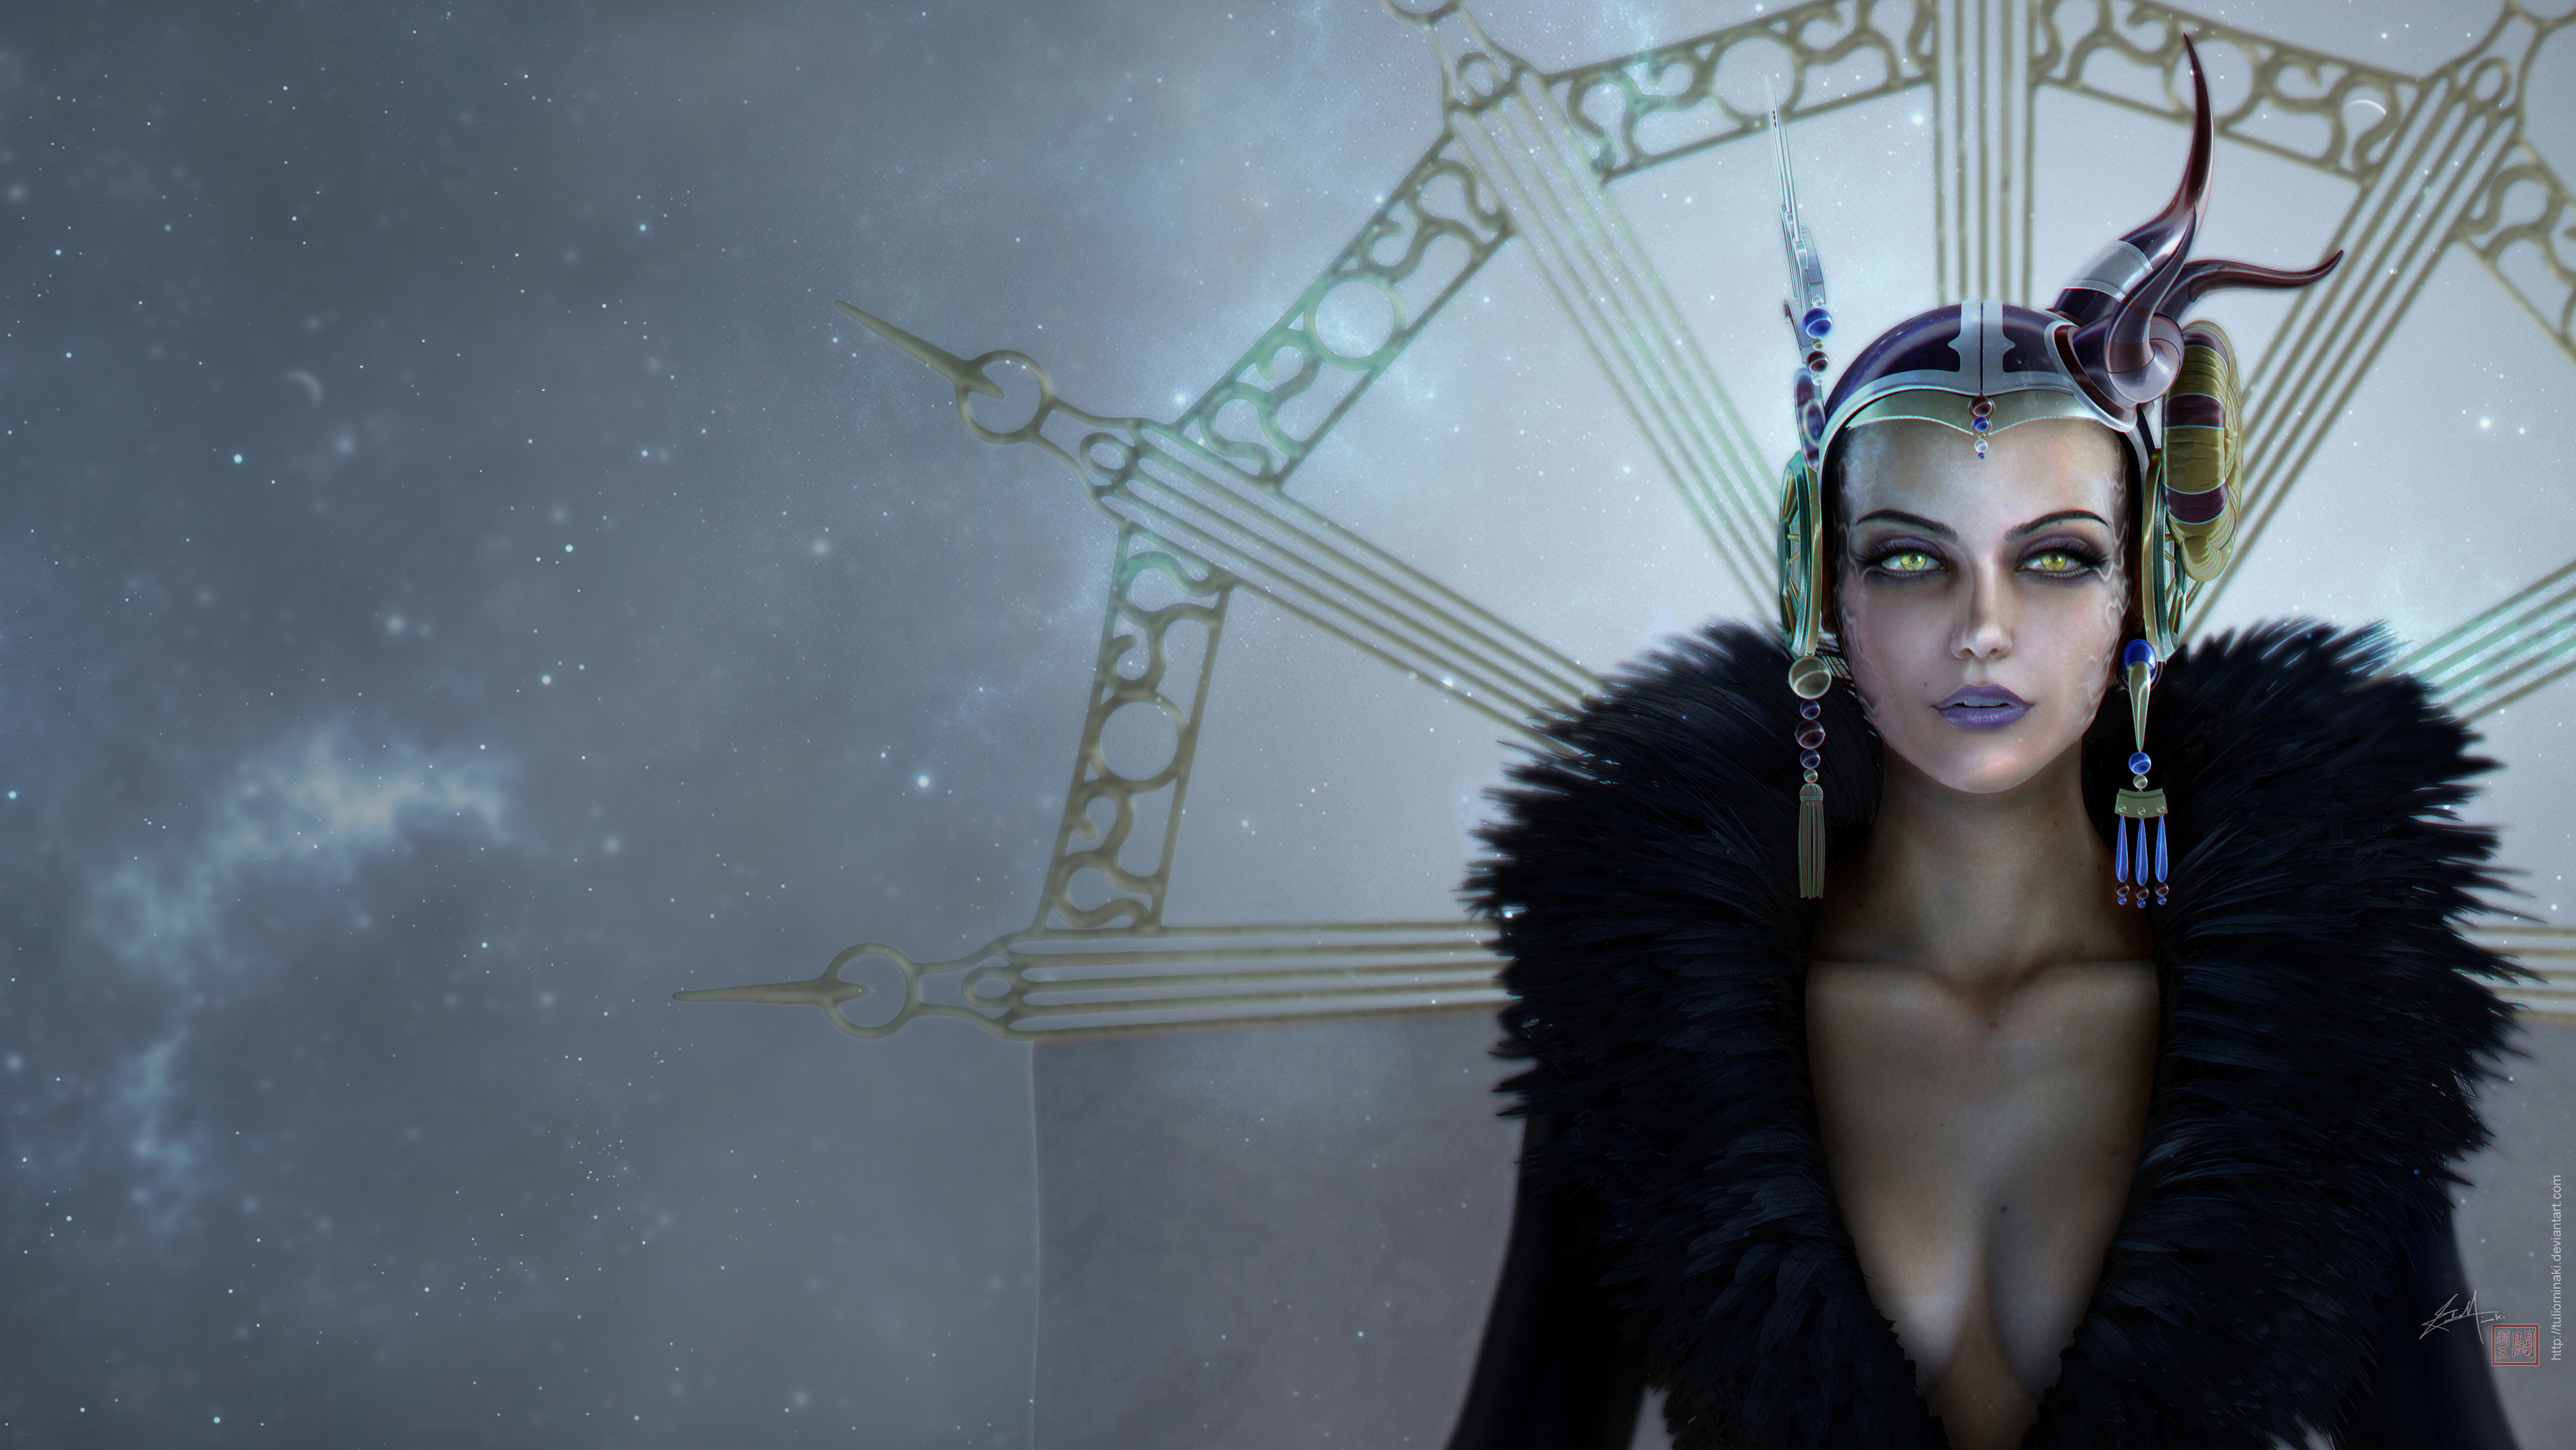 Final fantasy viii edea kramer wallpaper by tuliominaki on deviantart - Ffviii wallpaper ...